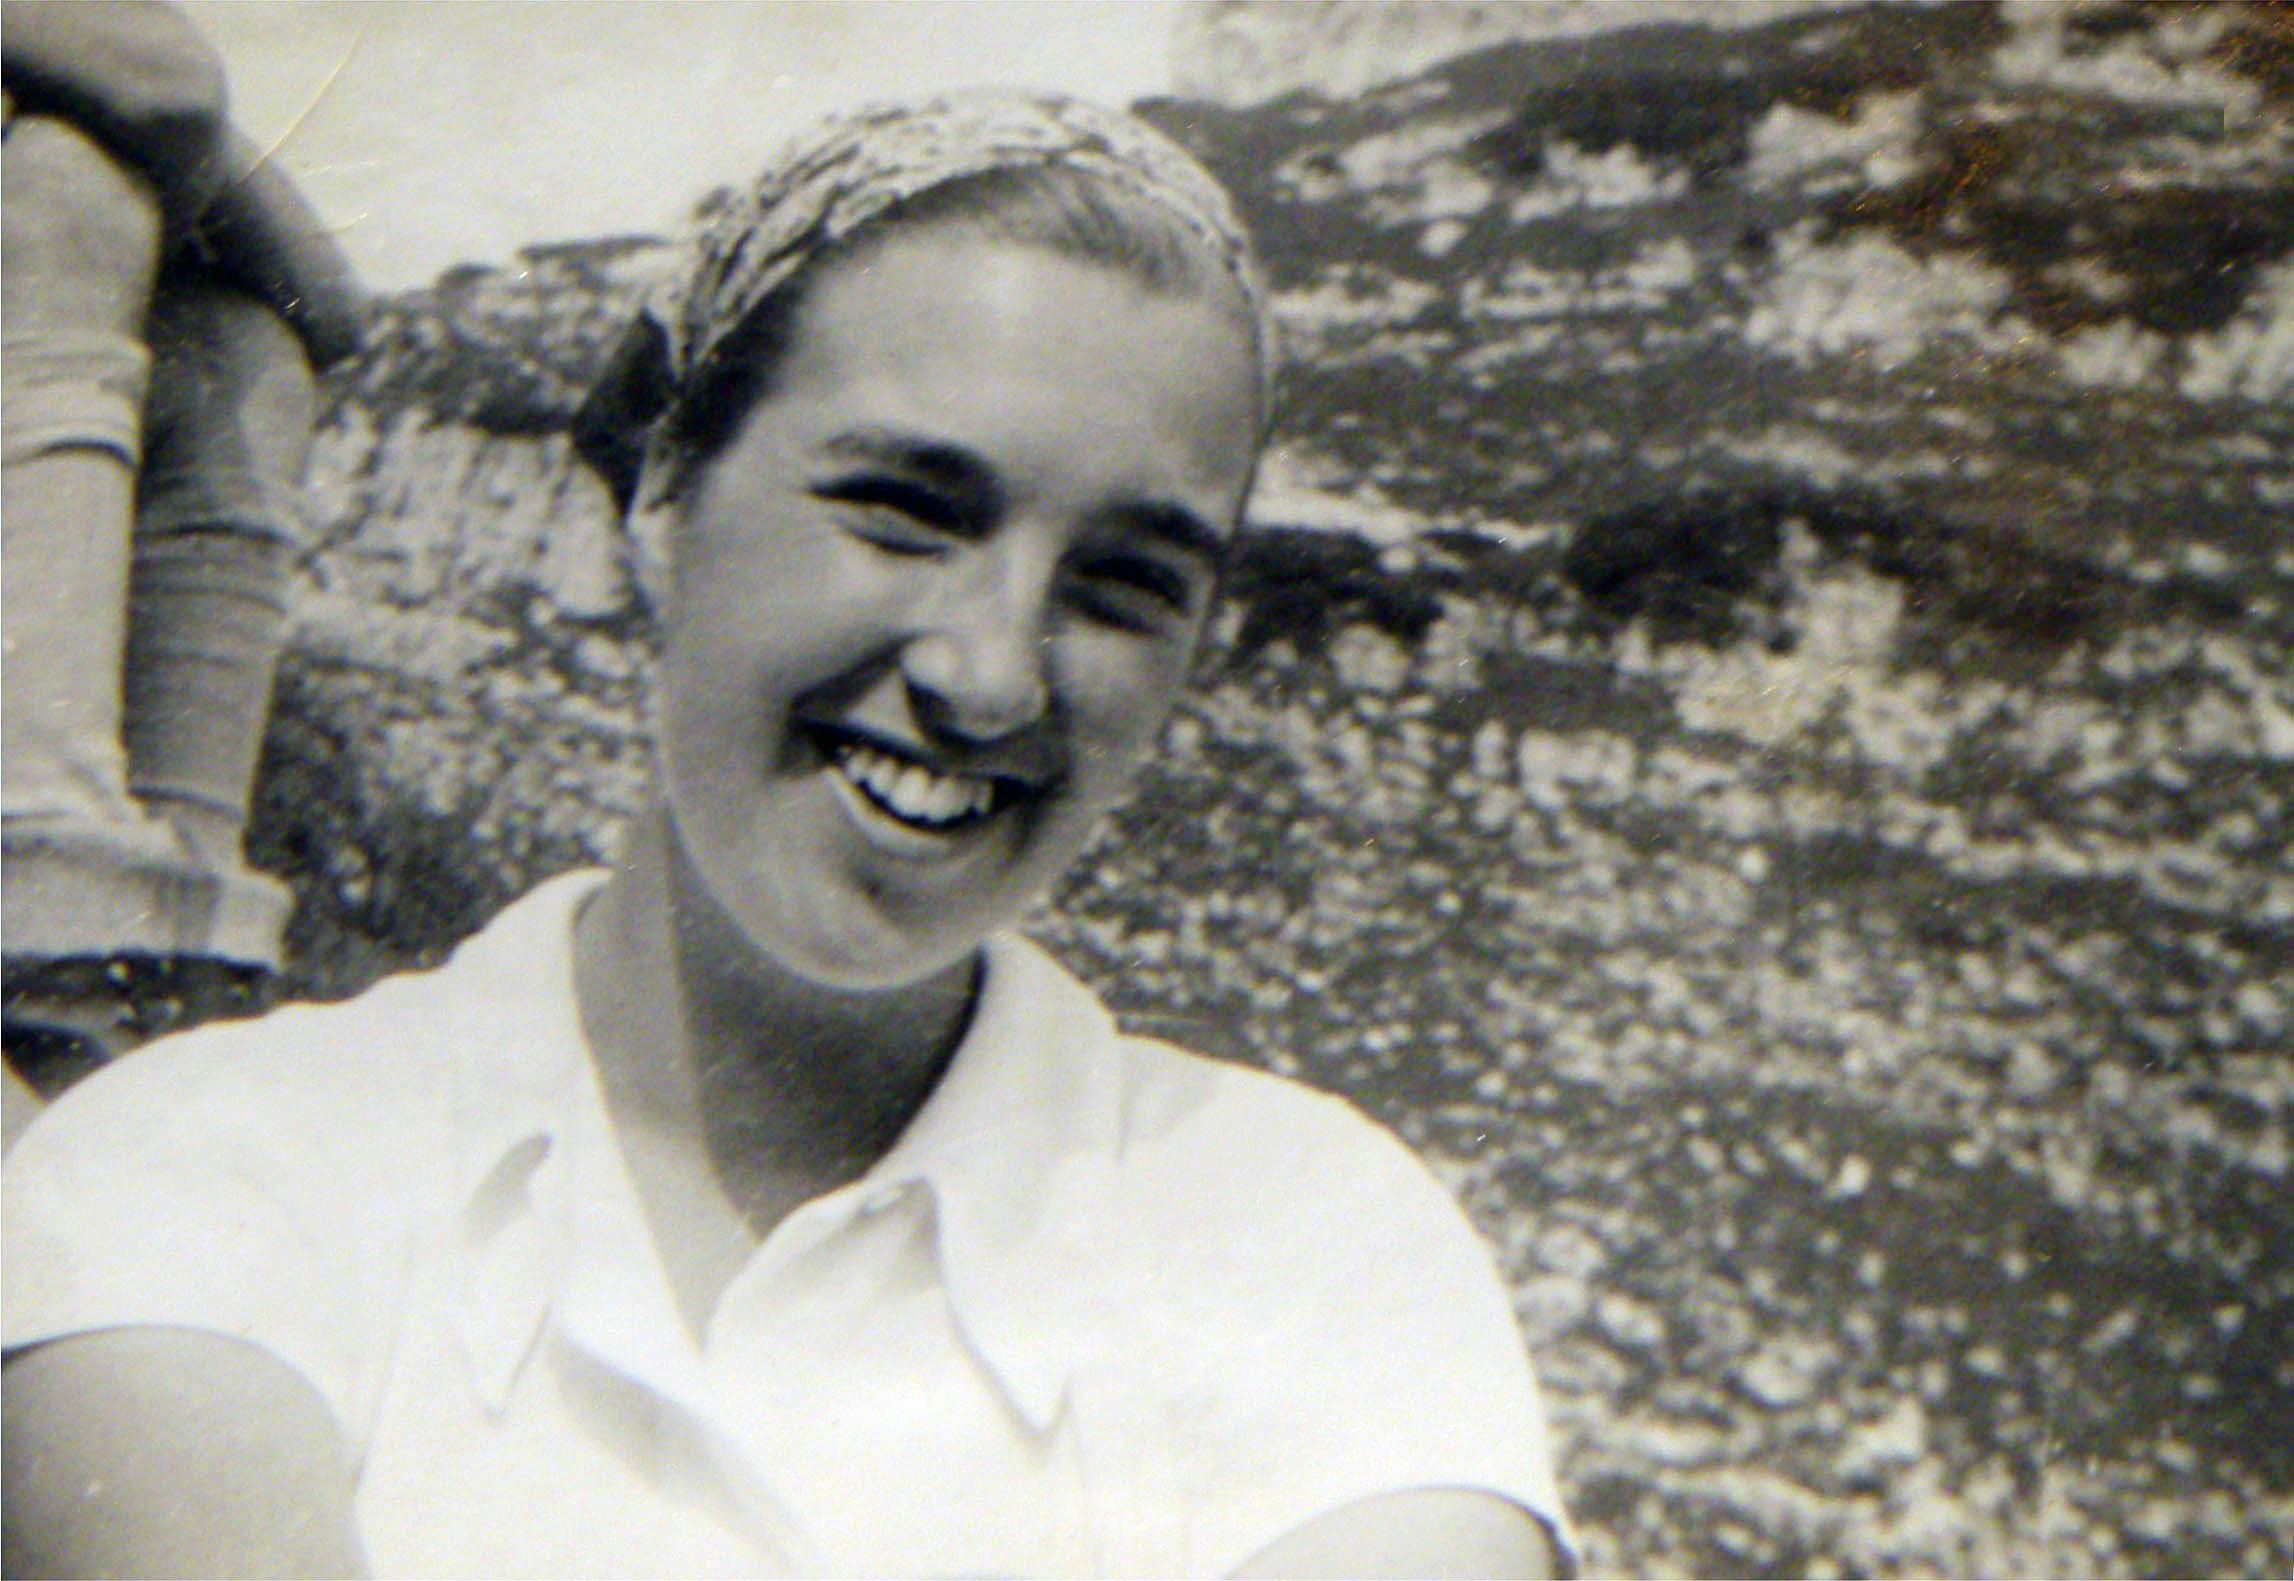 Renata Kat Streifen Gerda hiking